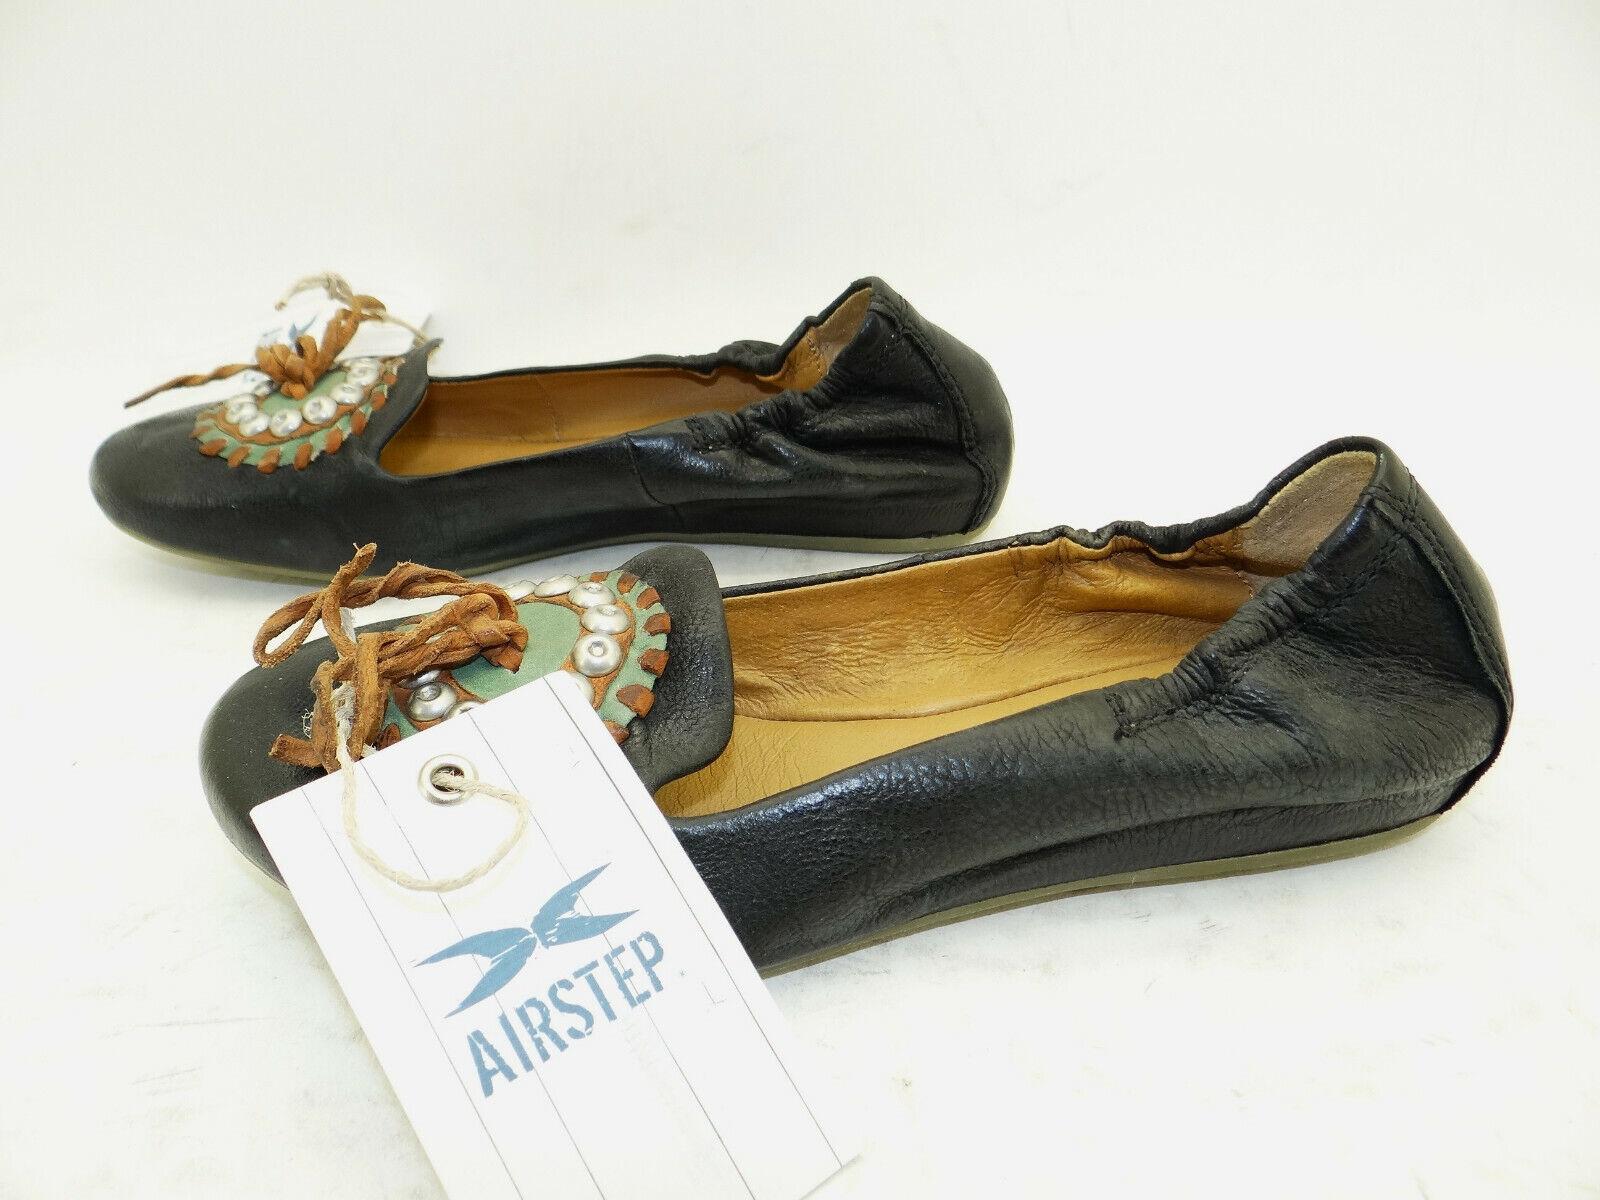 Airstep A.S.98 Schuhe Ballerinas Mokassins Slipper Damenschuhe Leder Gr.37 NEU